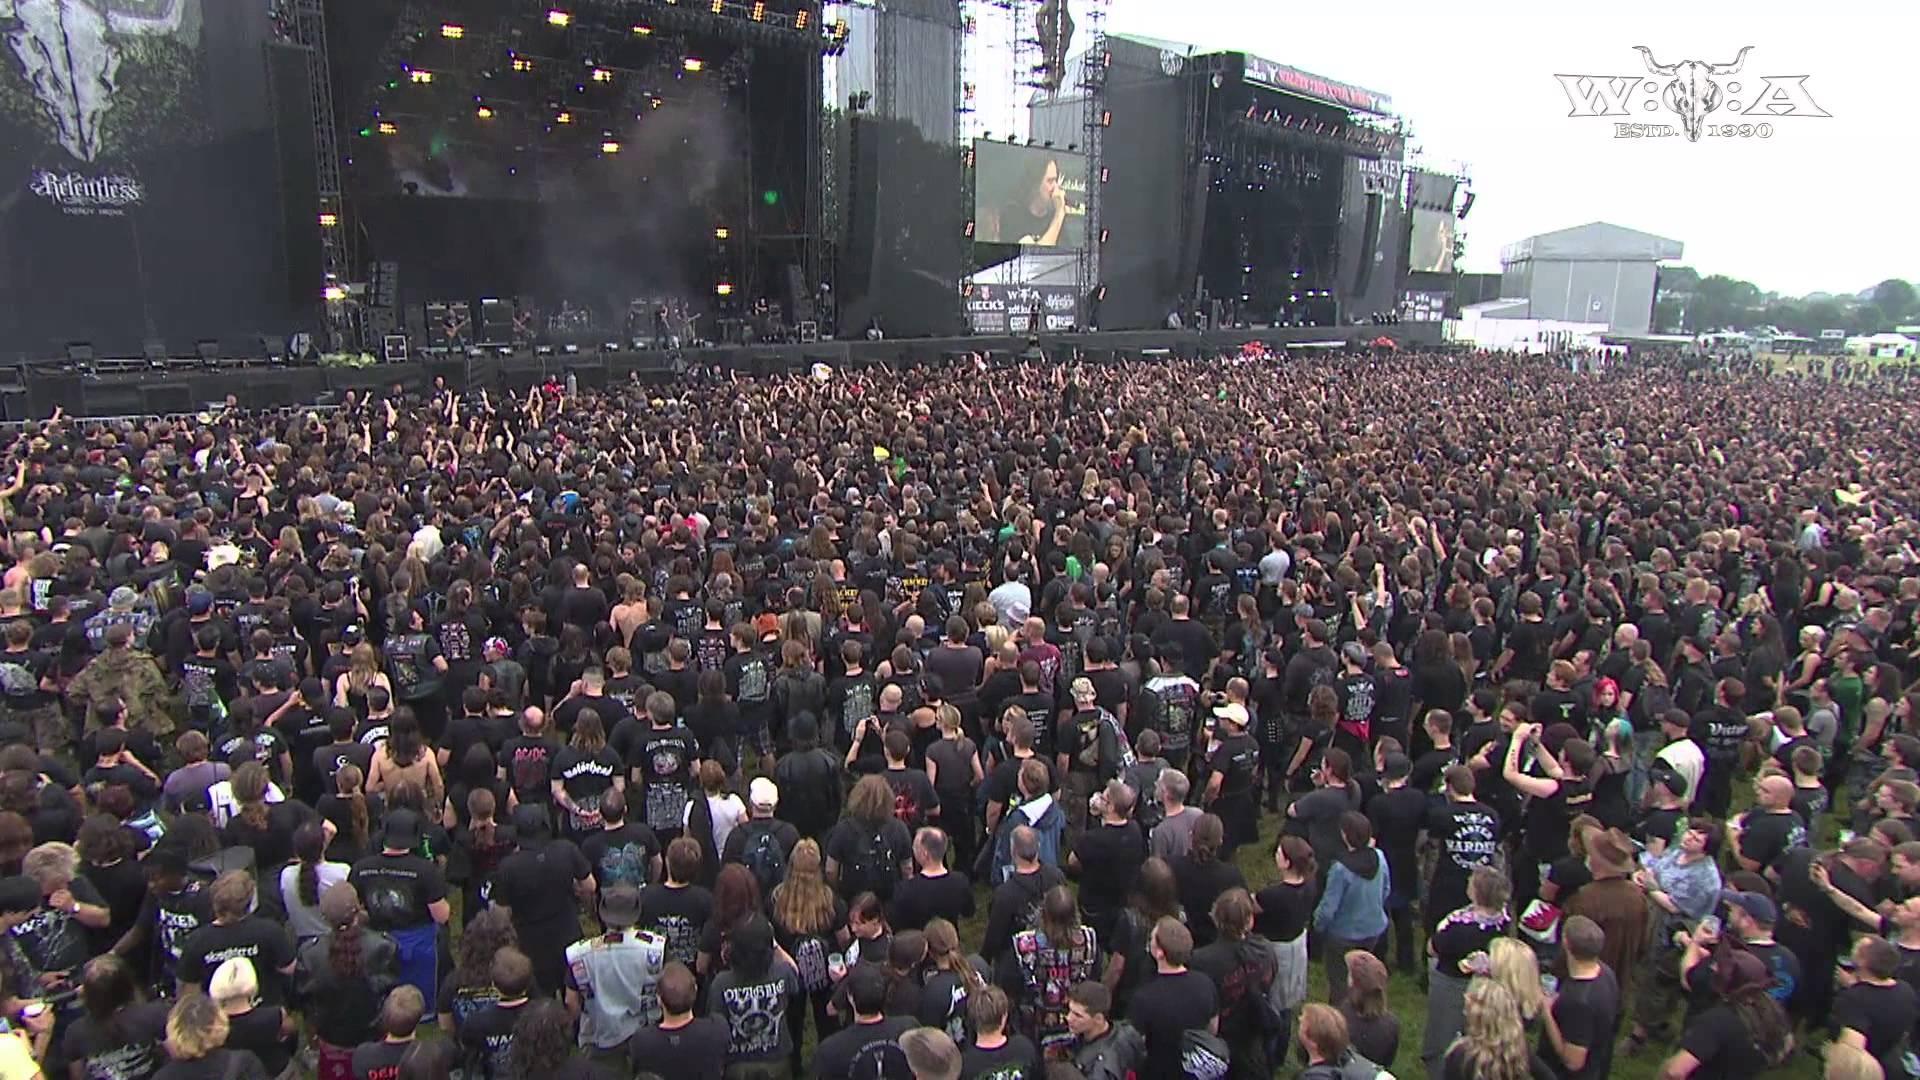 Skyline ft. Chris Boltendahl & Tom Angelripper - 2 Songs - live at Wacken Open Air 2011